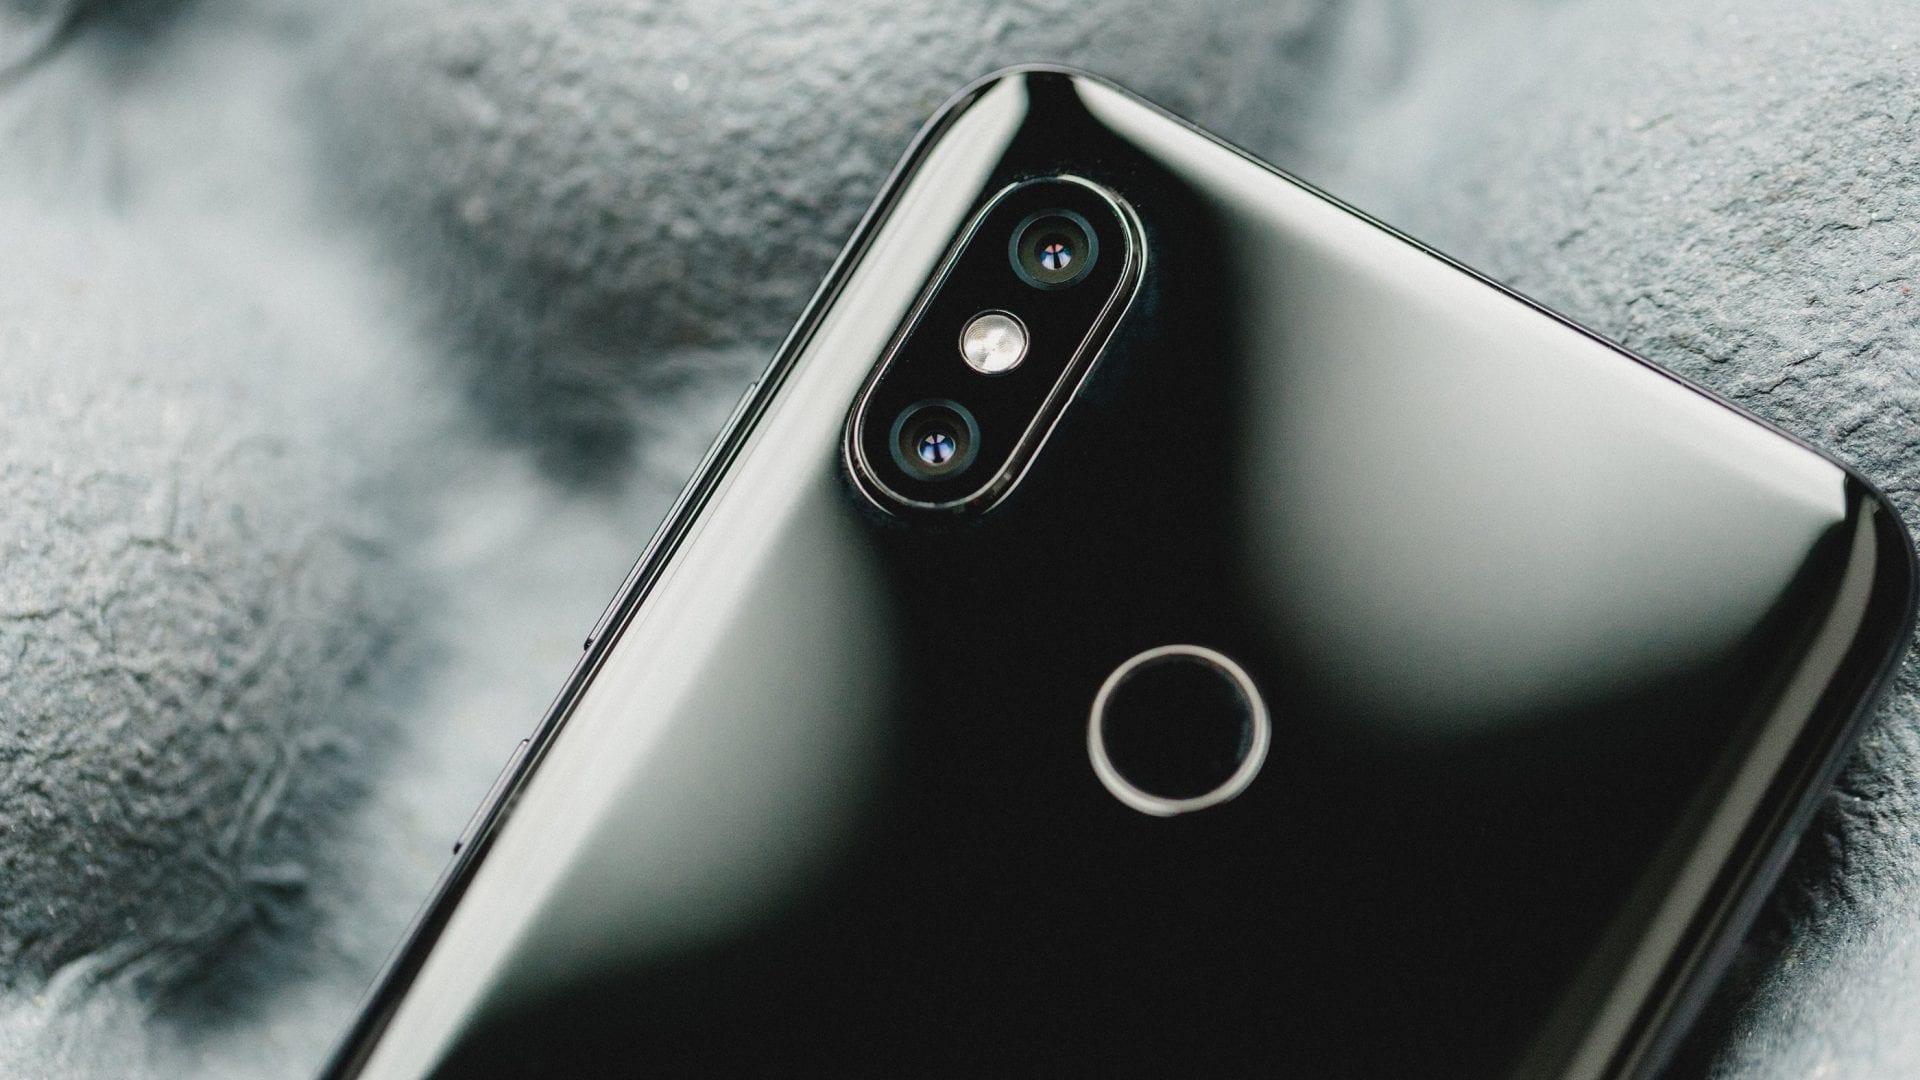 Xiaomi presenterà uno smartphone con fotocamera da 48 megapixel